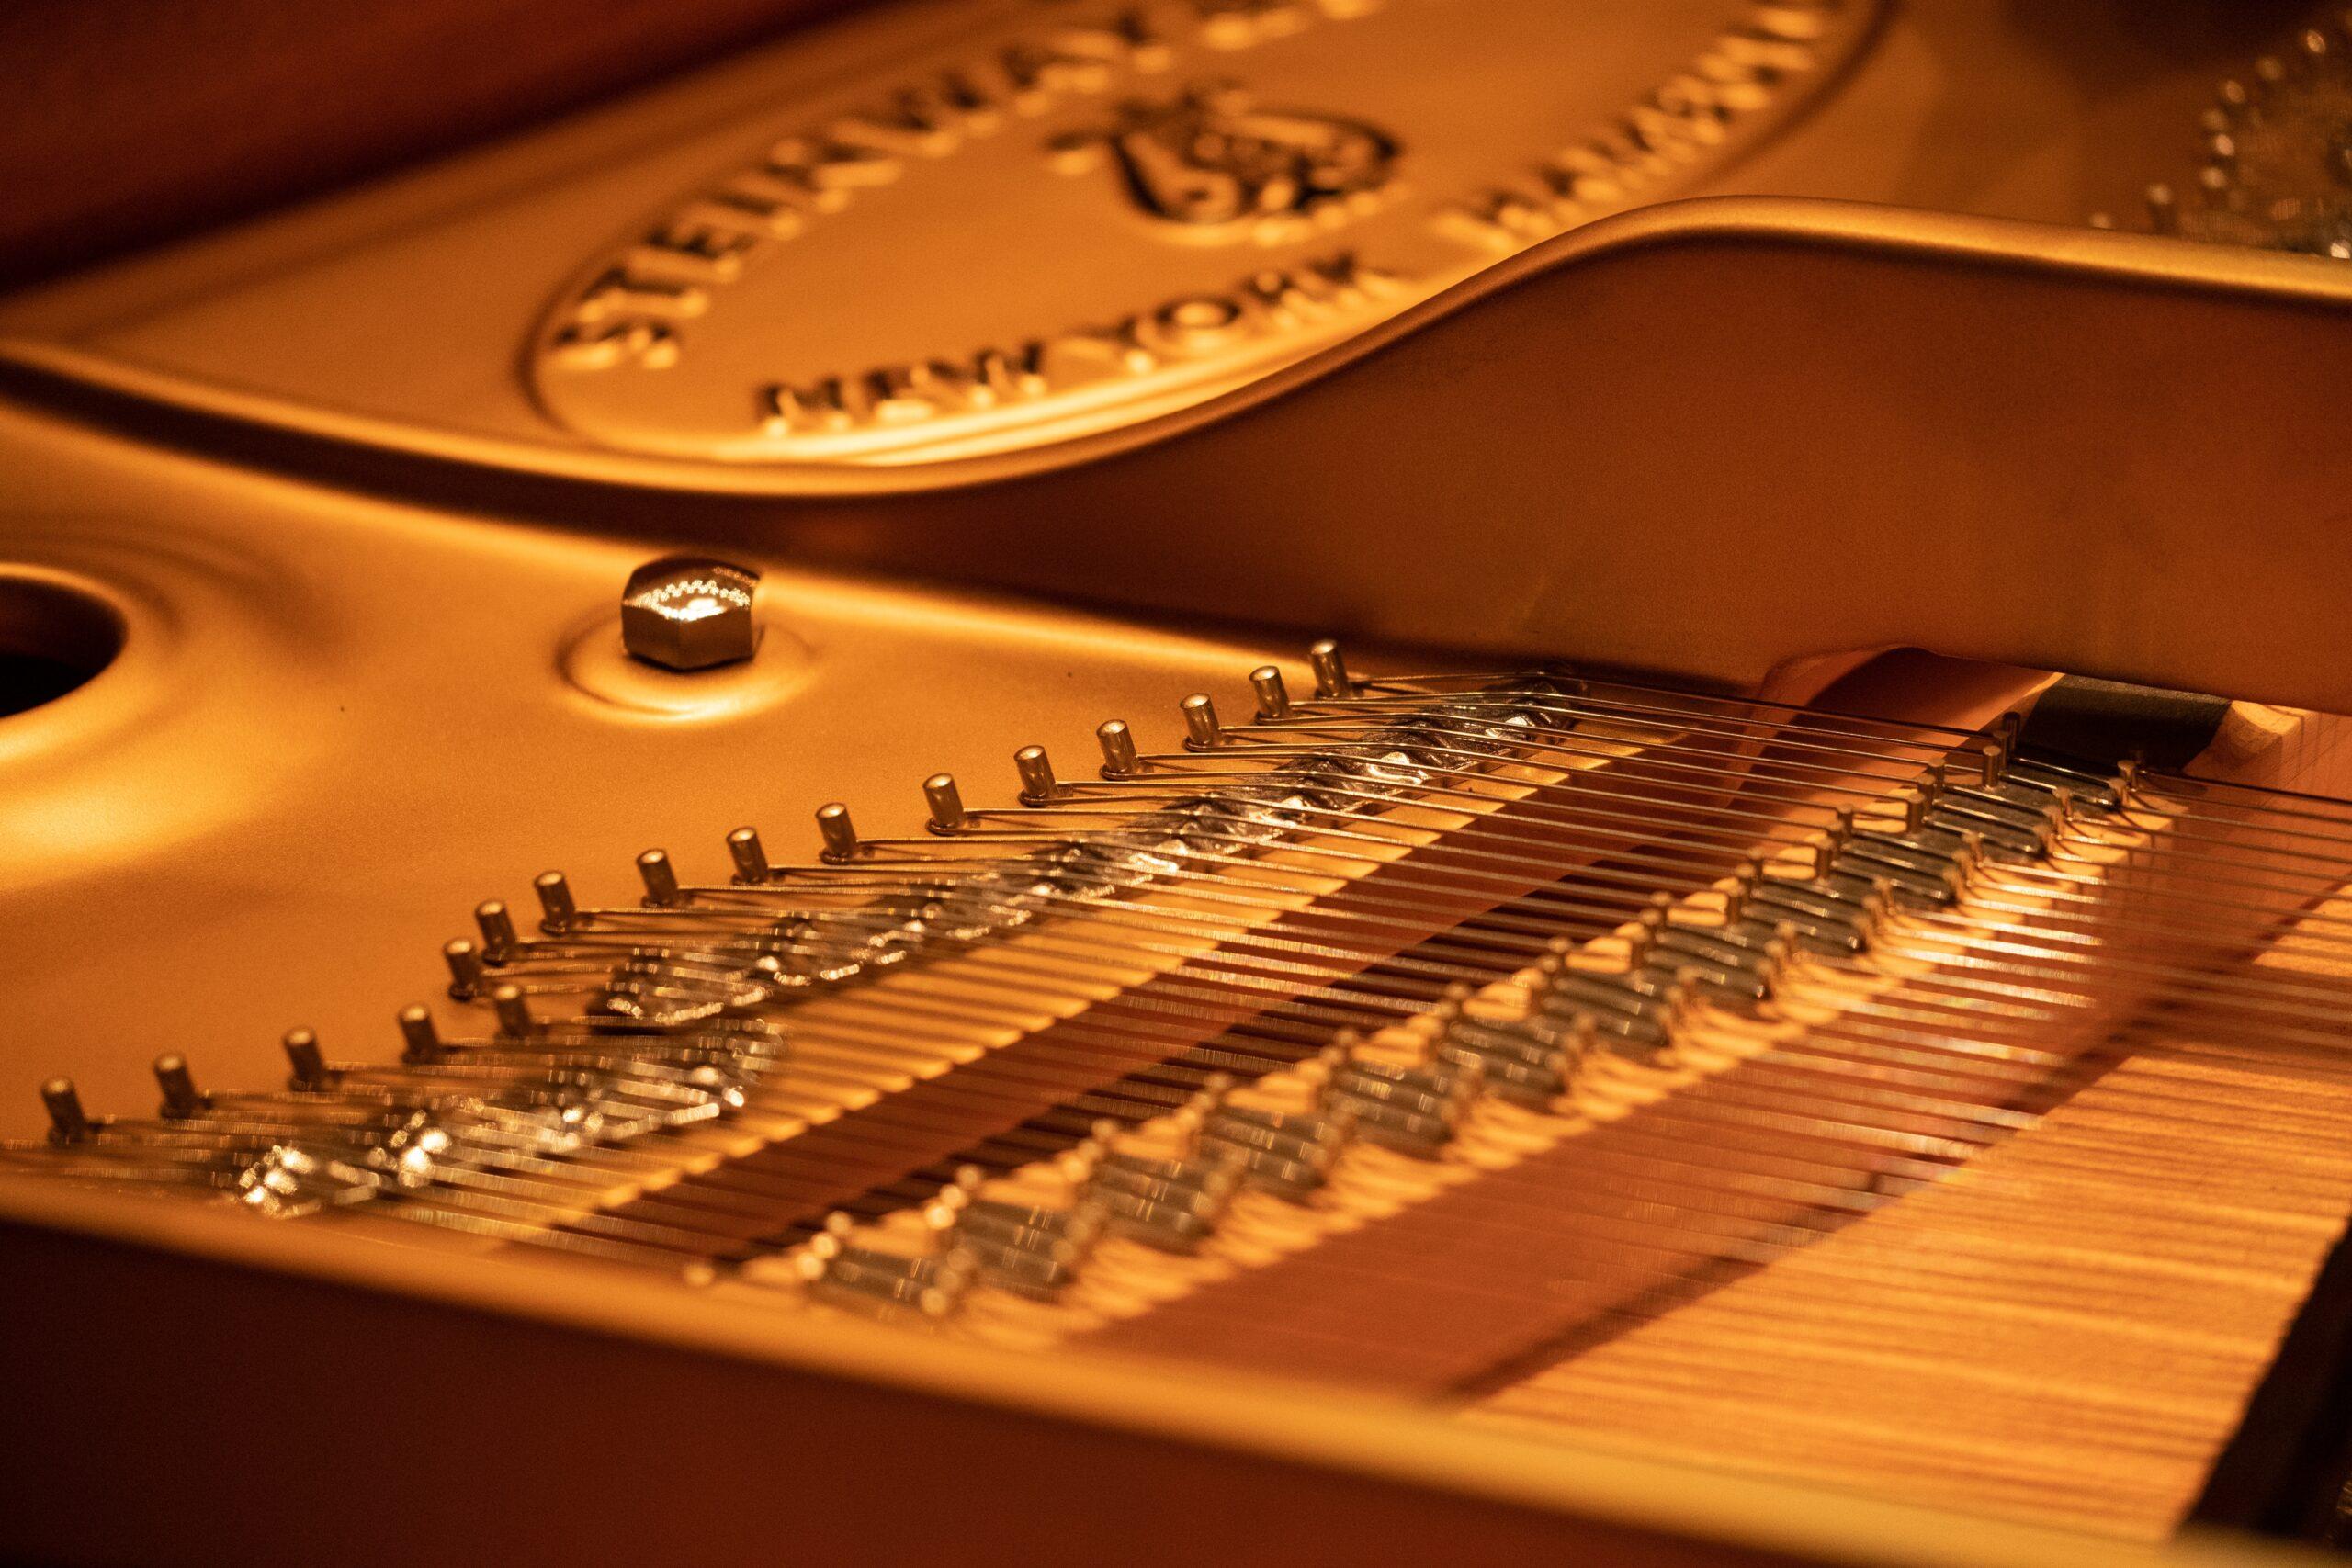 【ピアノフリー音源素材】内部奏法などの特殊奏法音源